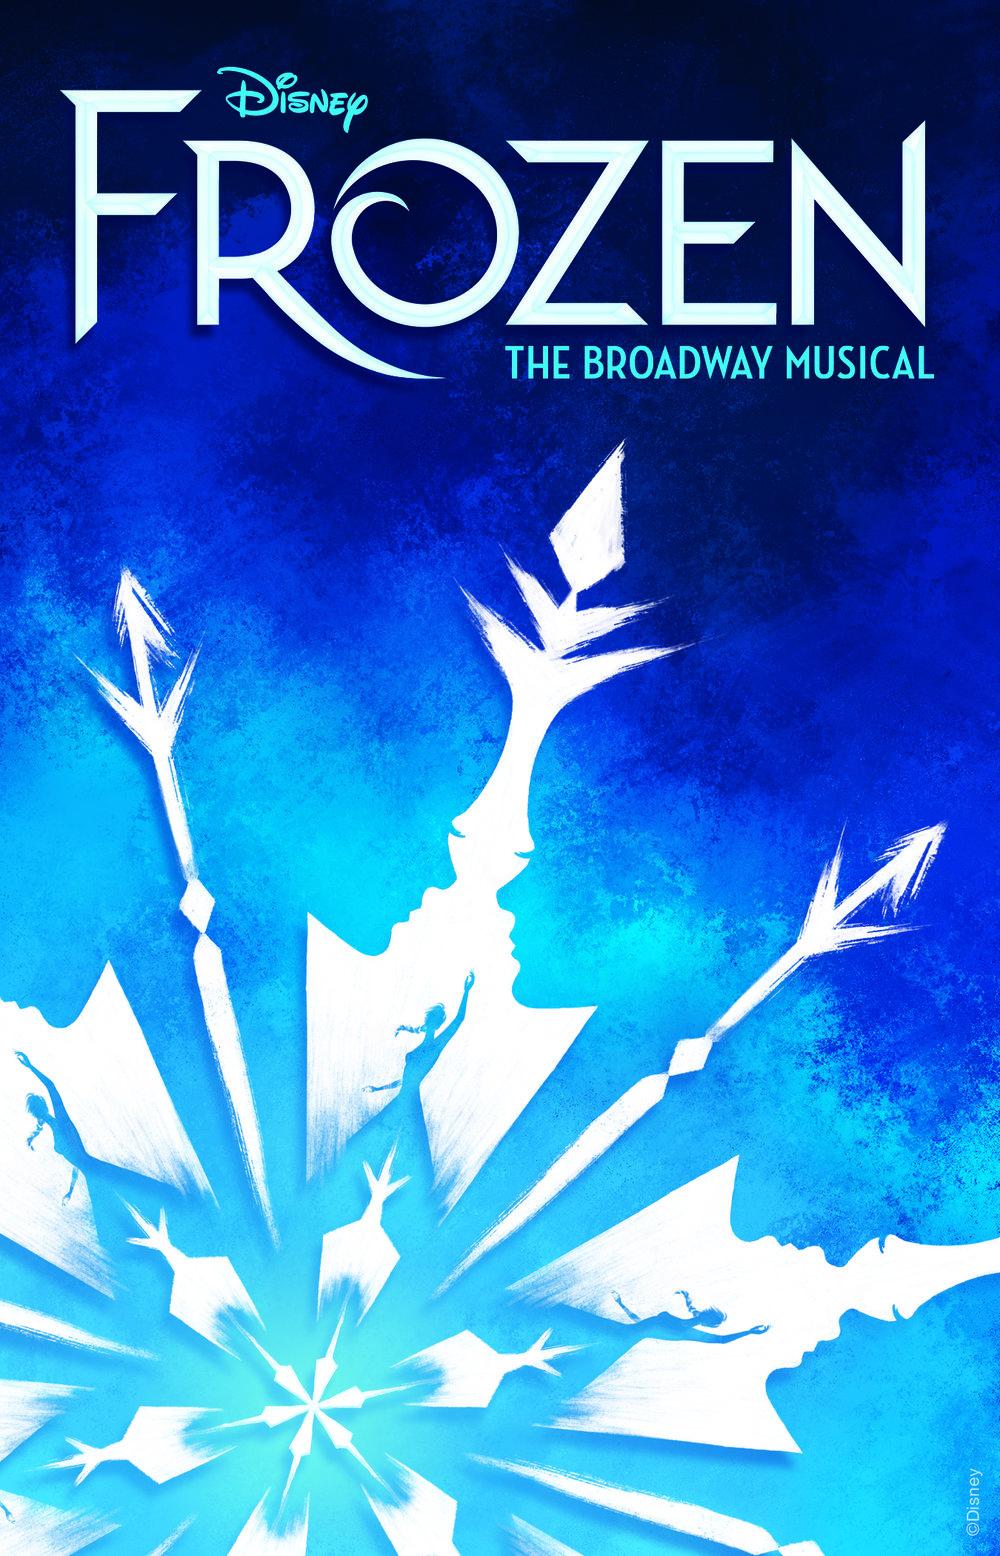 Original Pre-Broadway Show Poster